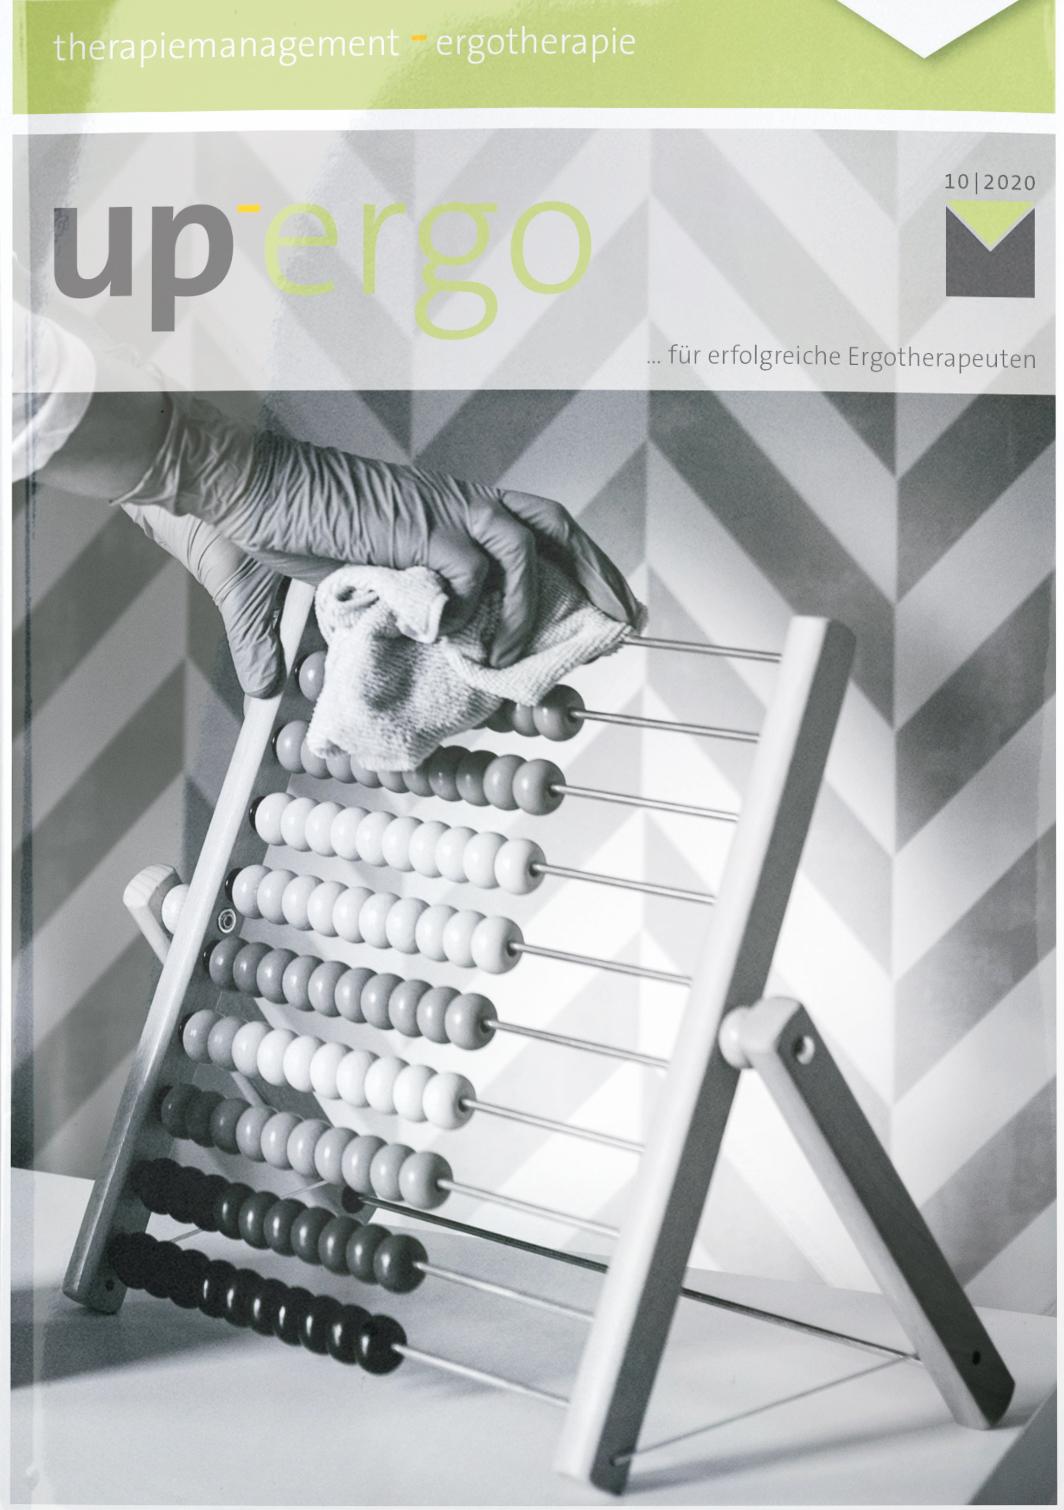 up_ergo 10/2020